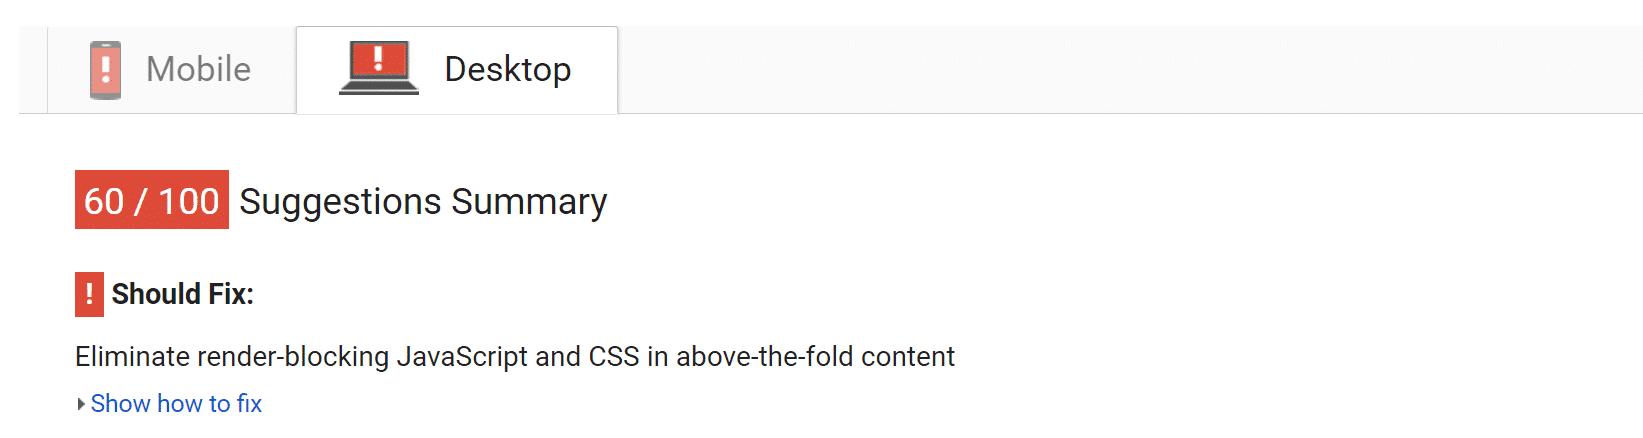 Eliminieren von Render-Blocking von JavaScript und CSS in above-the-fold Inhalten.